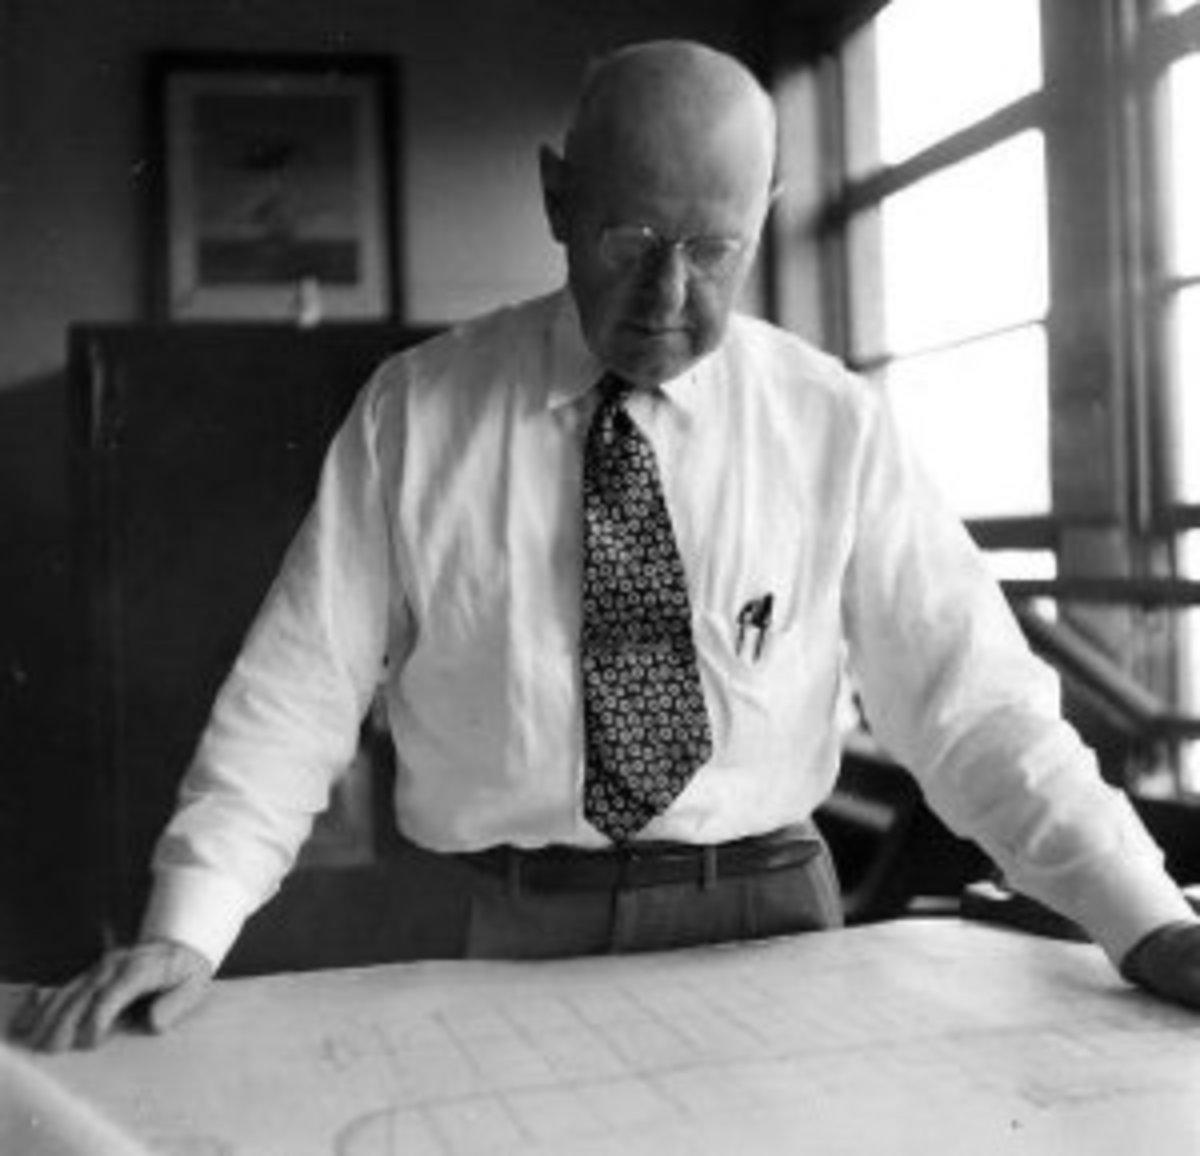 H.C. Hanson